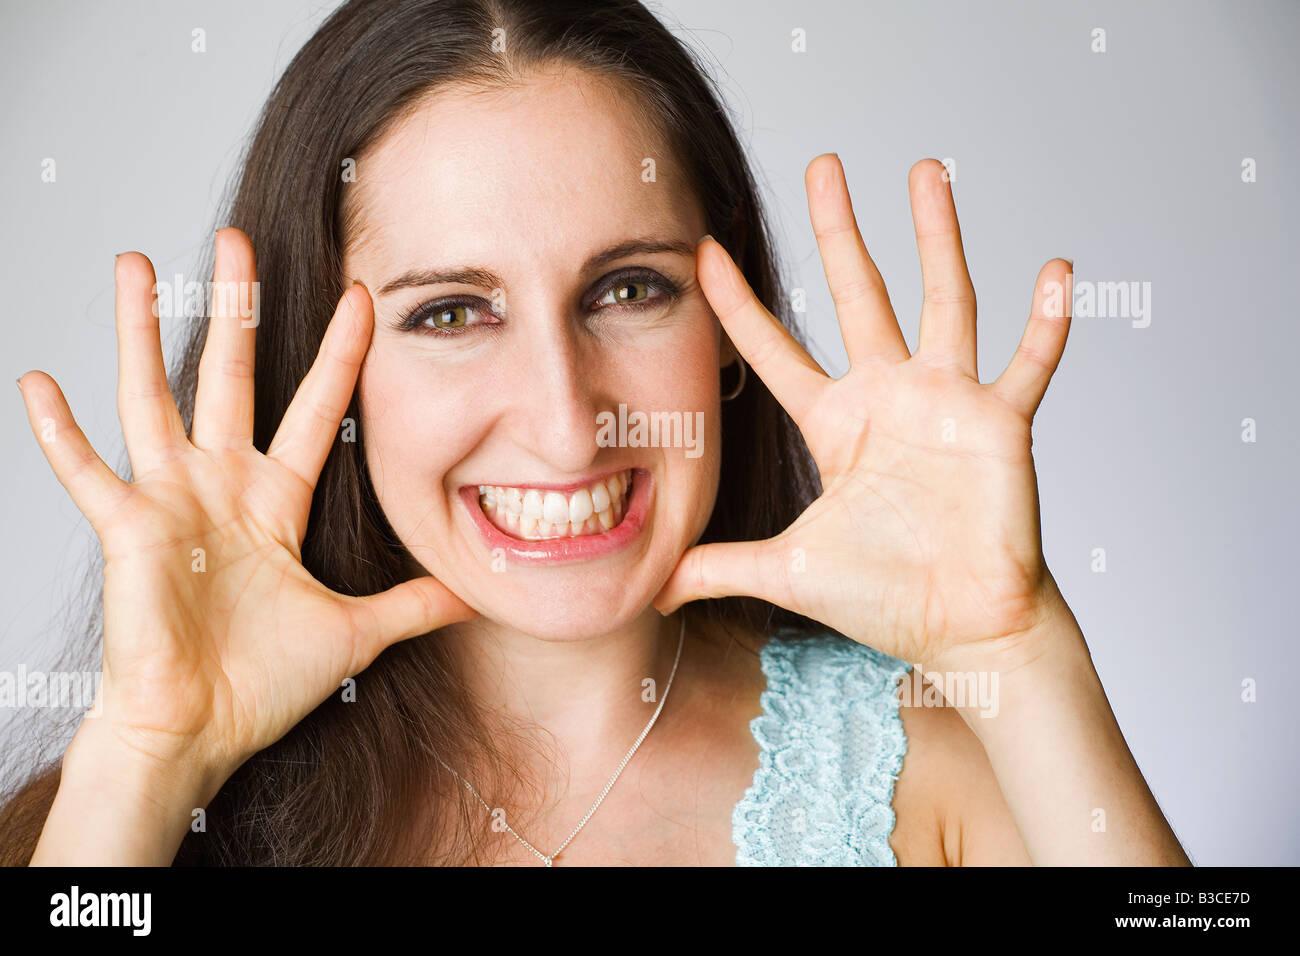 Mujer joven sonriente, Retrato Foto de stock